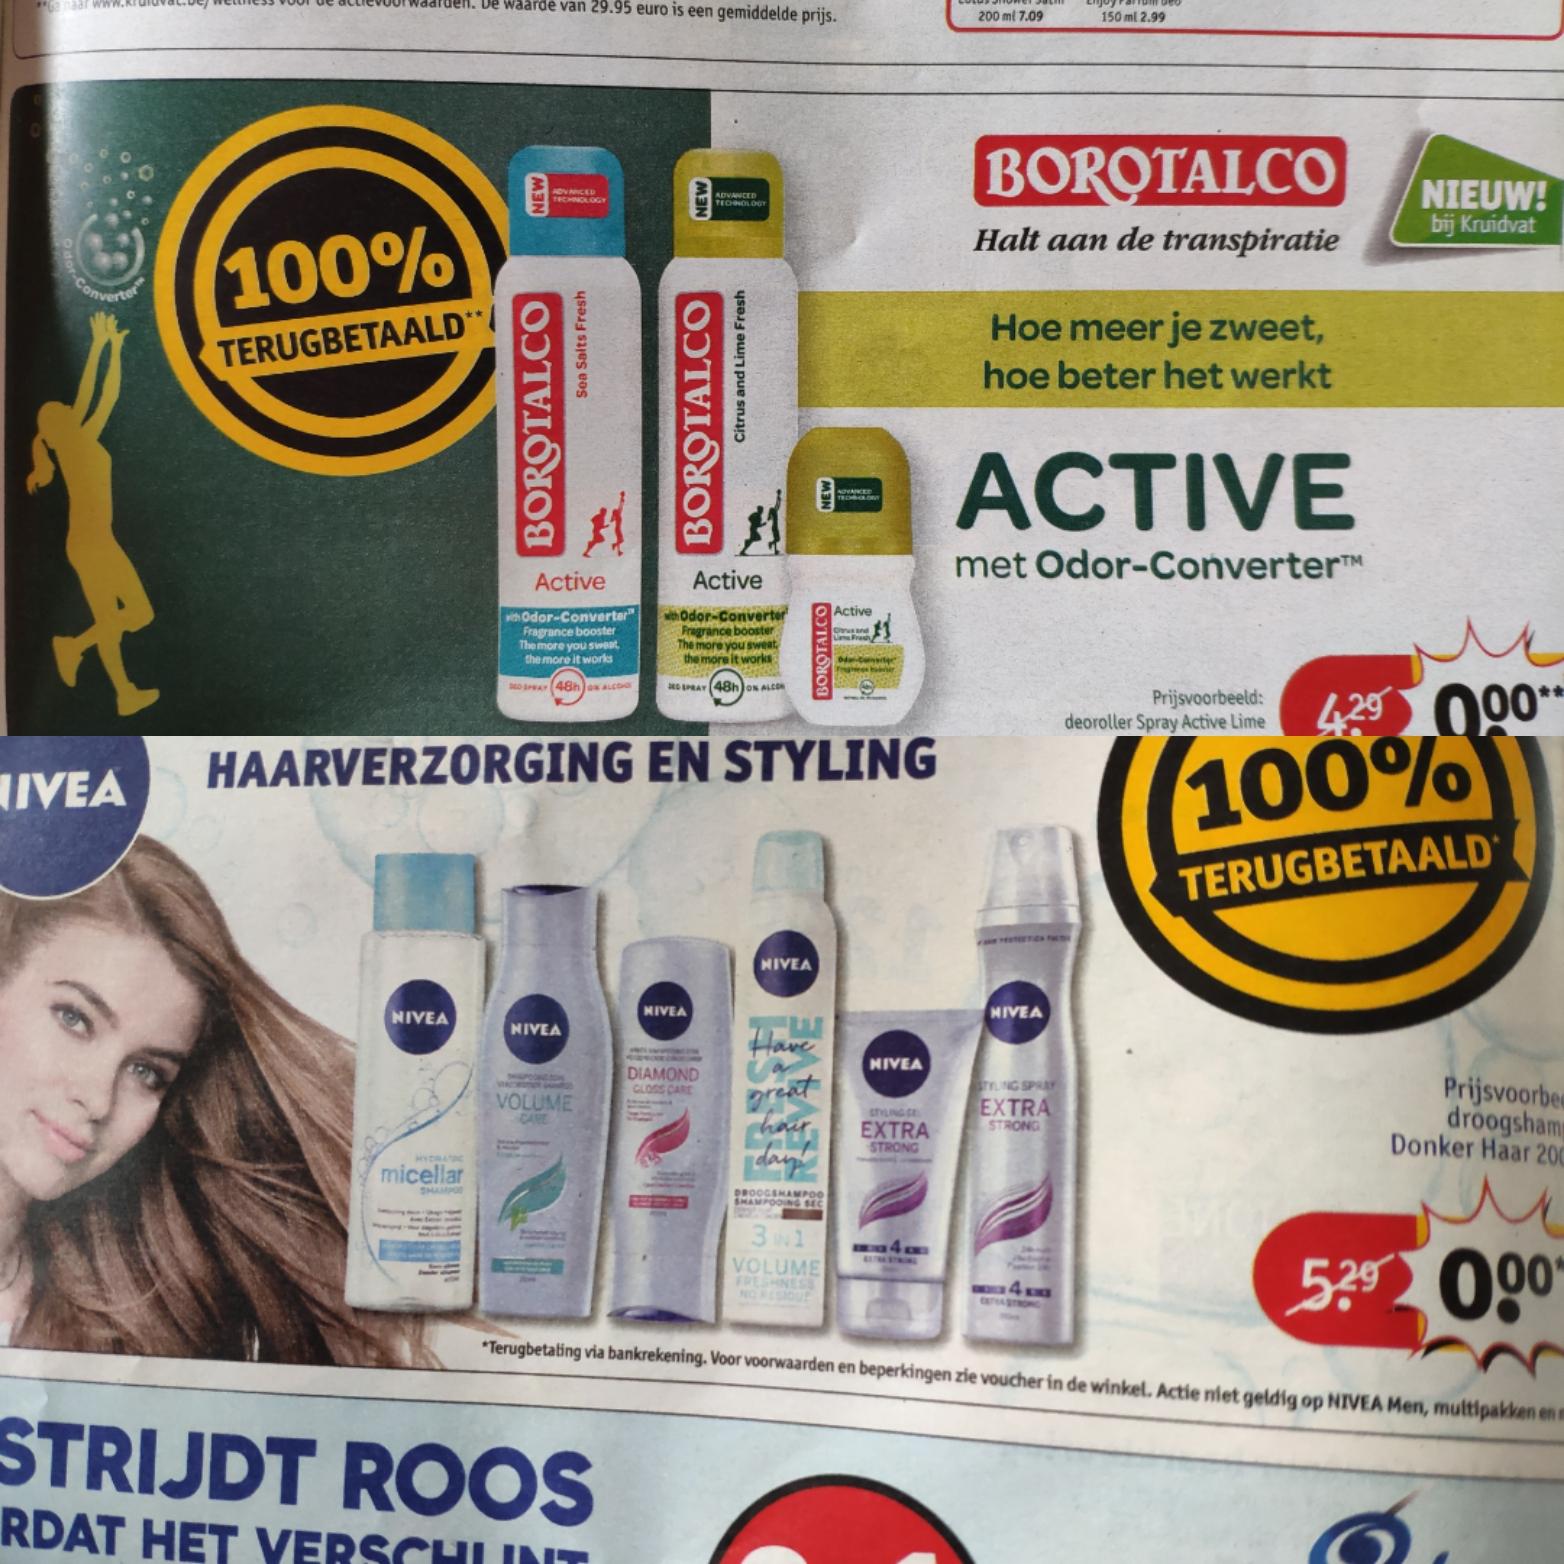 100% terugbetaalde producten bij Kruidvat België (= gratis)